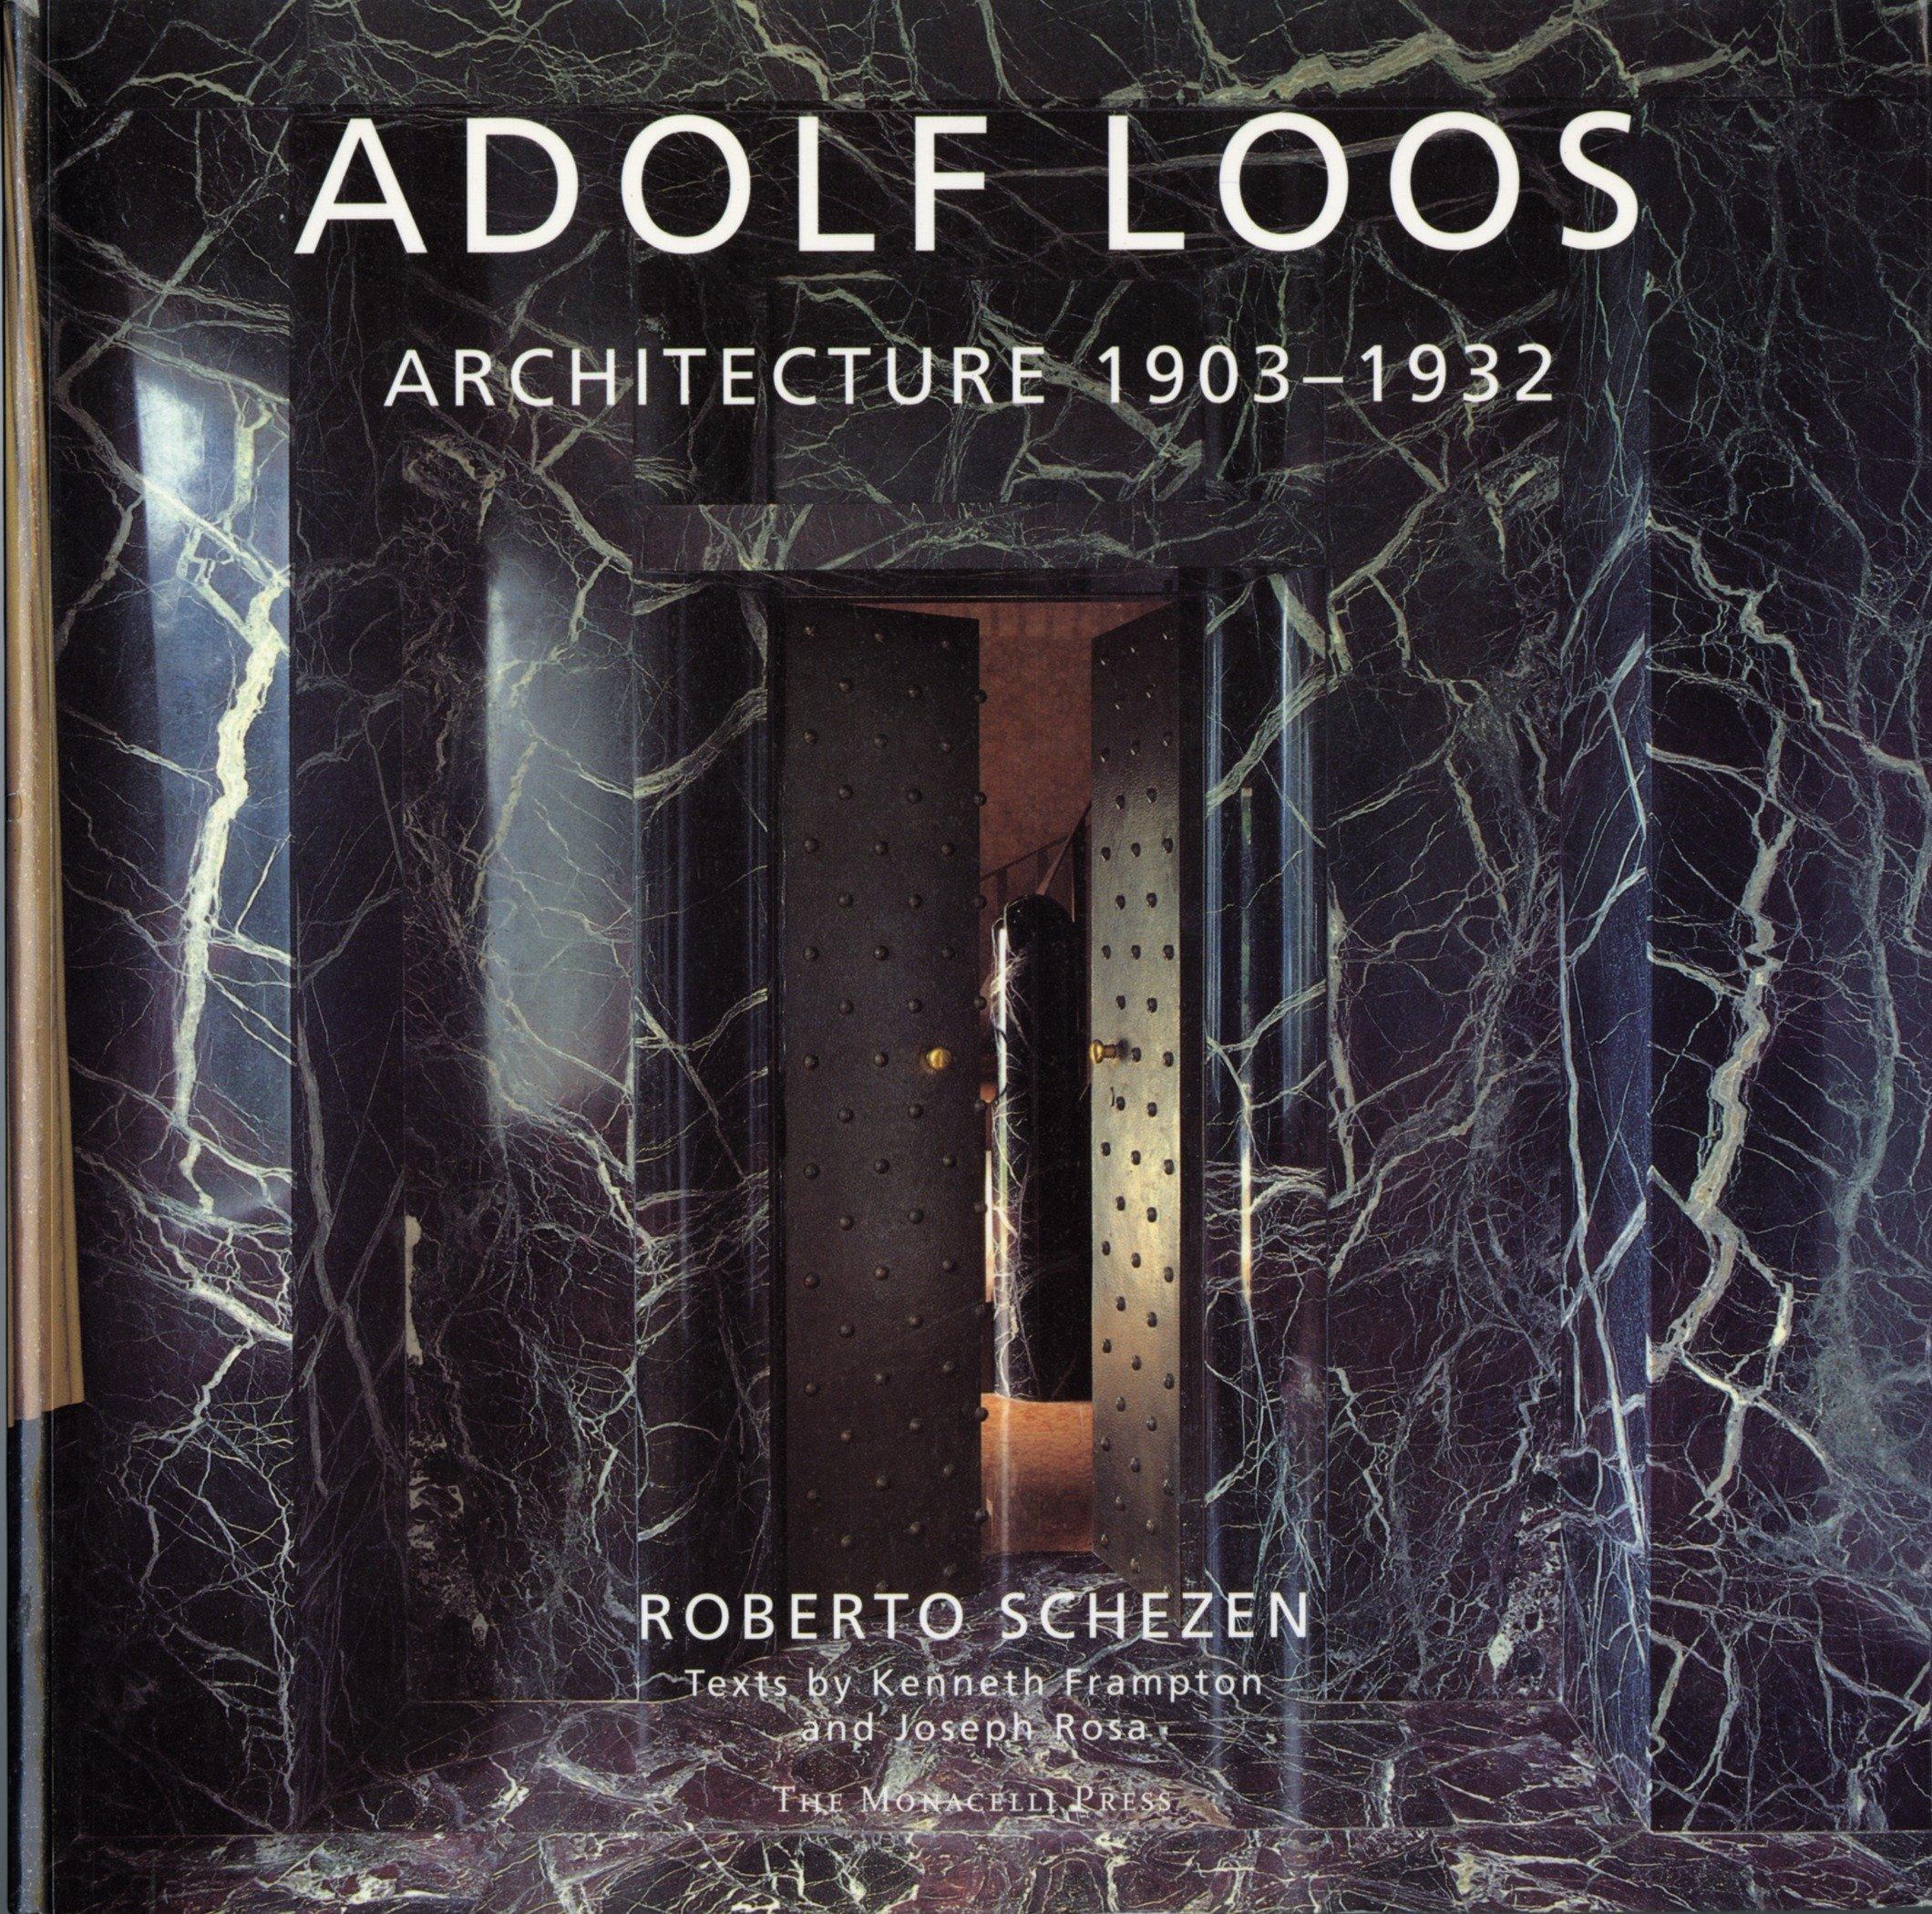 Adolf Loos Architecture 1903-1932